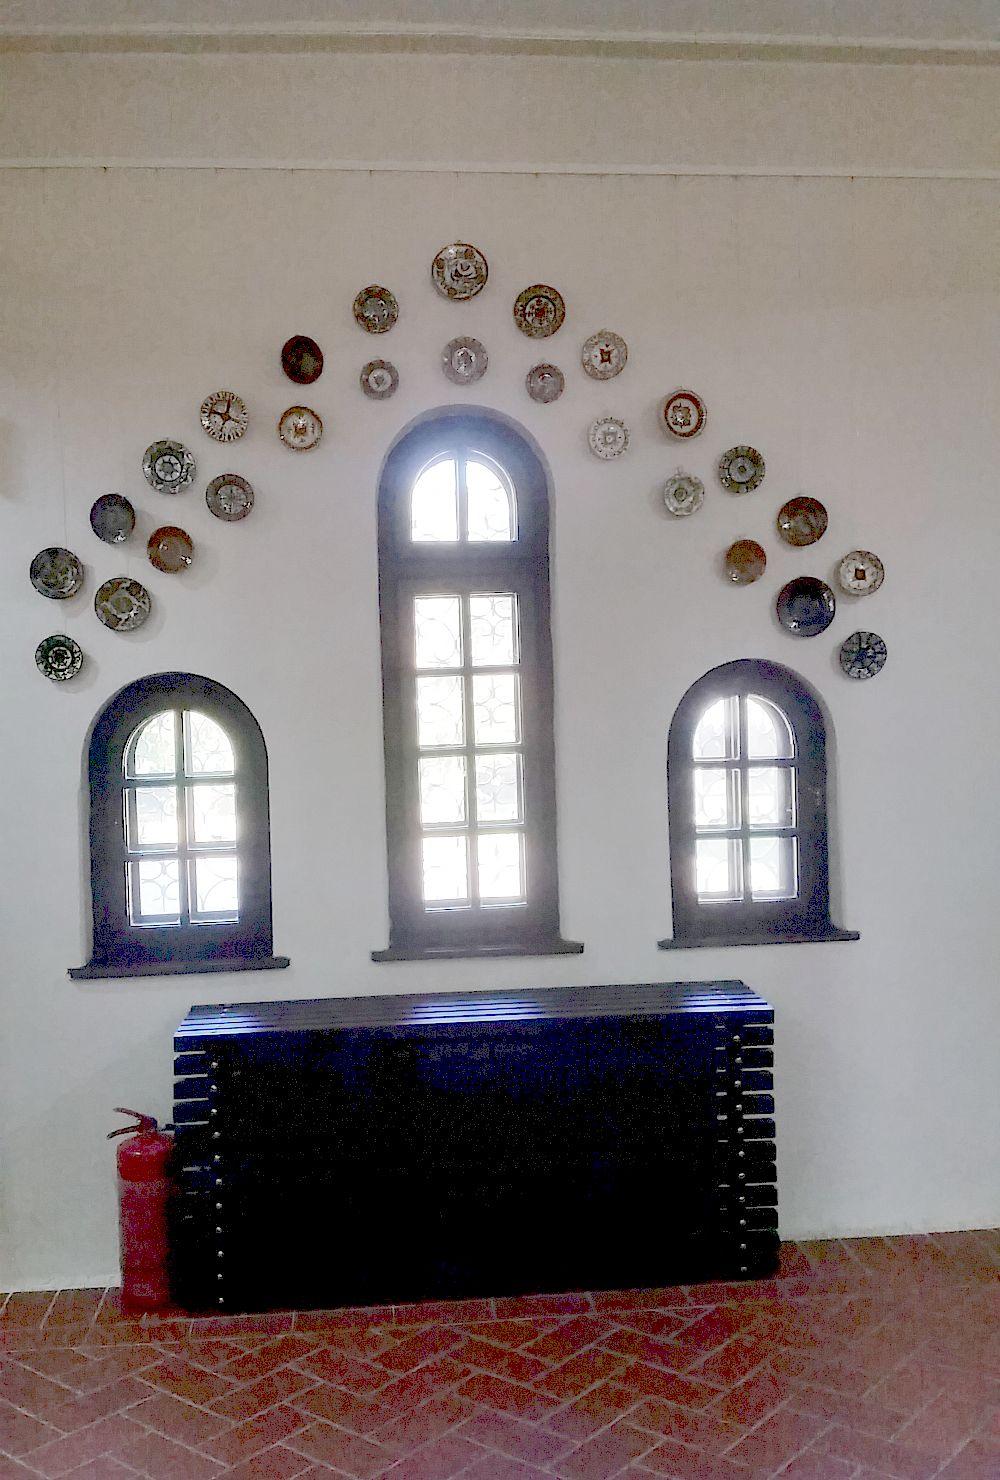 Farfurii care încadrează ferestrele sălii de costume.